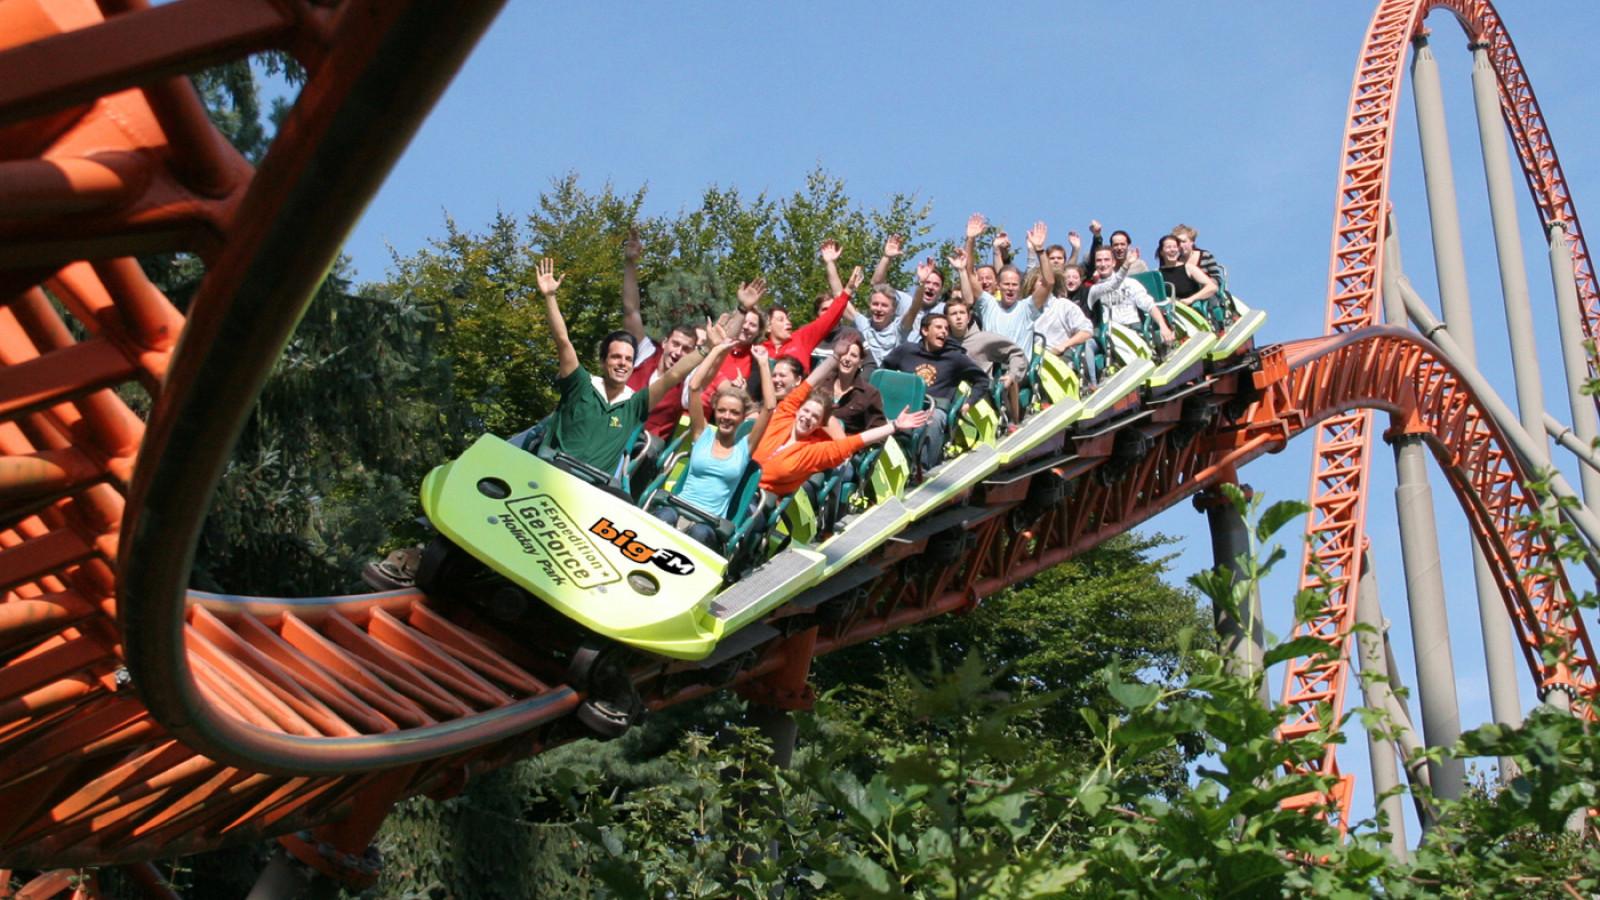 Holiday Park Job Party - mehr als 500 Mitarbeiter gesucht